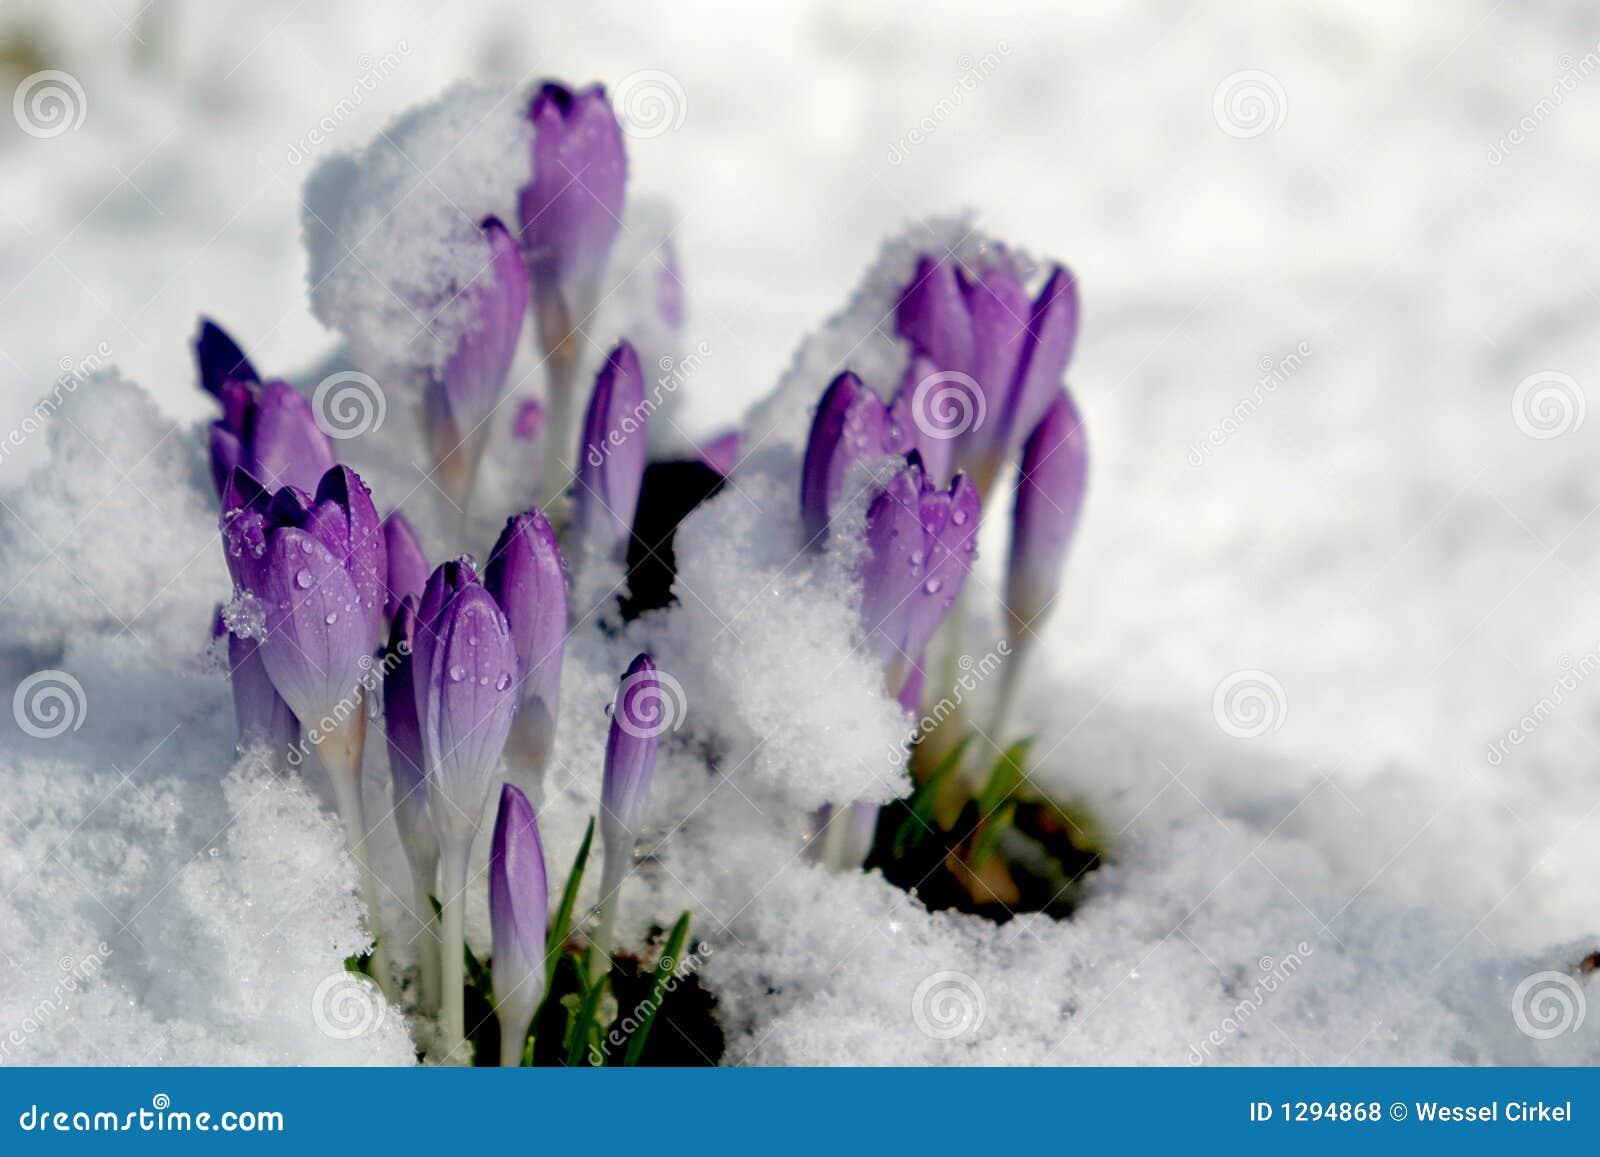 Safran dans la neige (source)